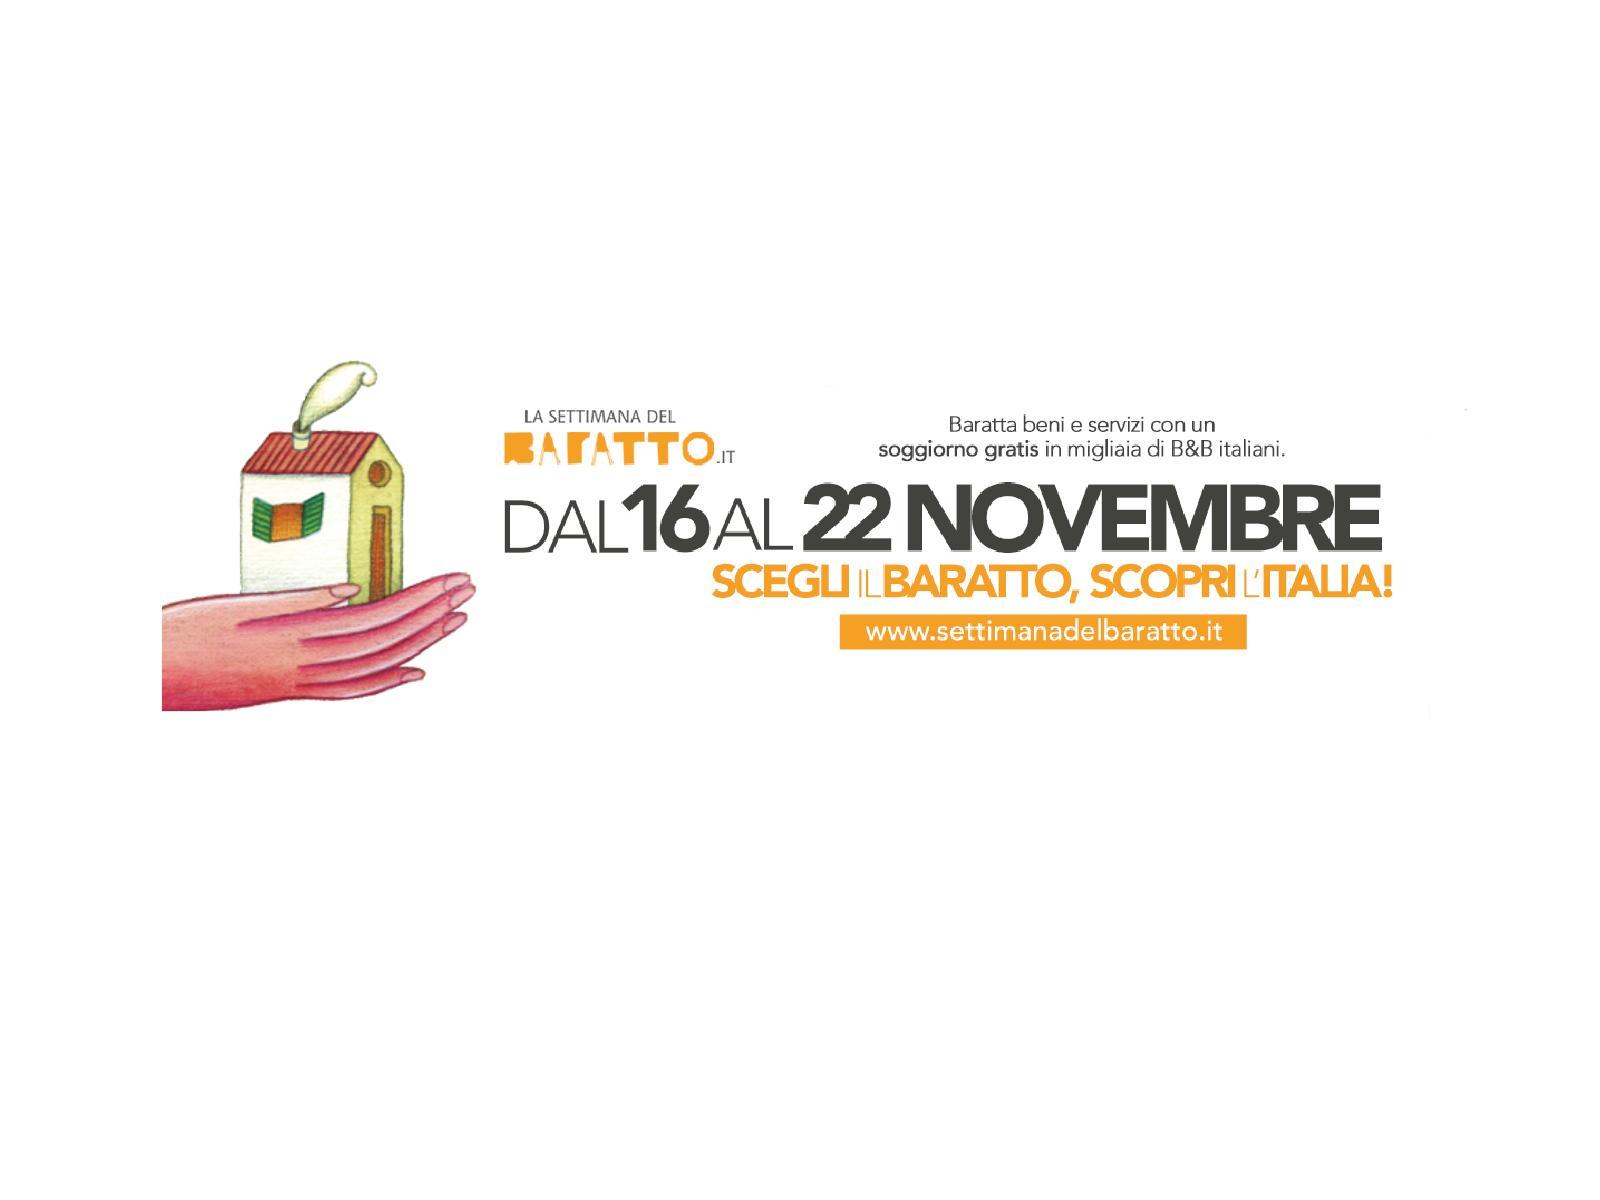 Settimana del Baratto, dal 16 al 22 novembre